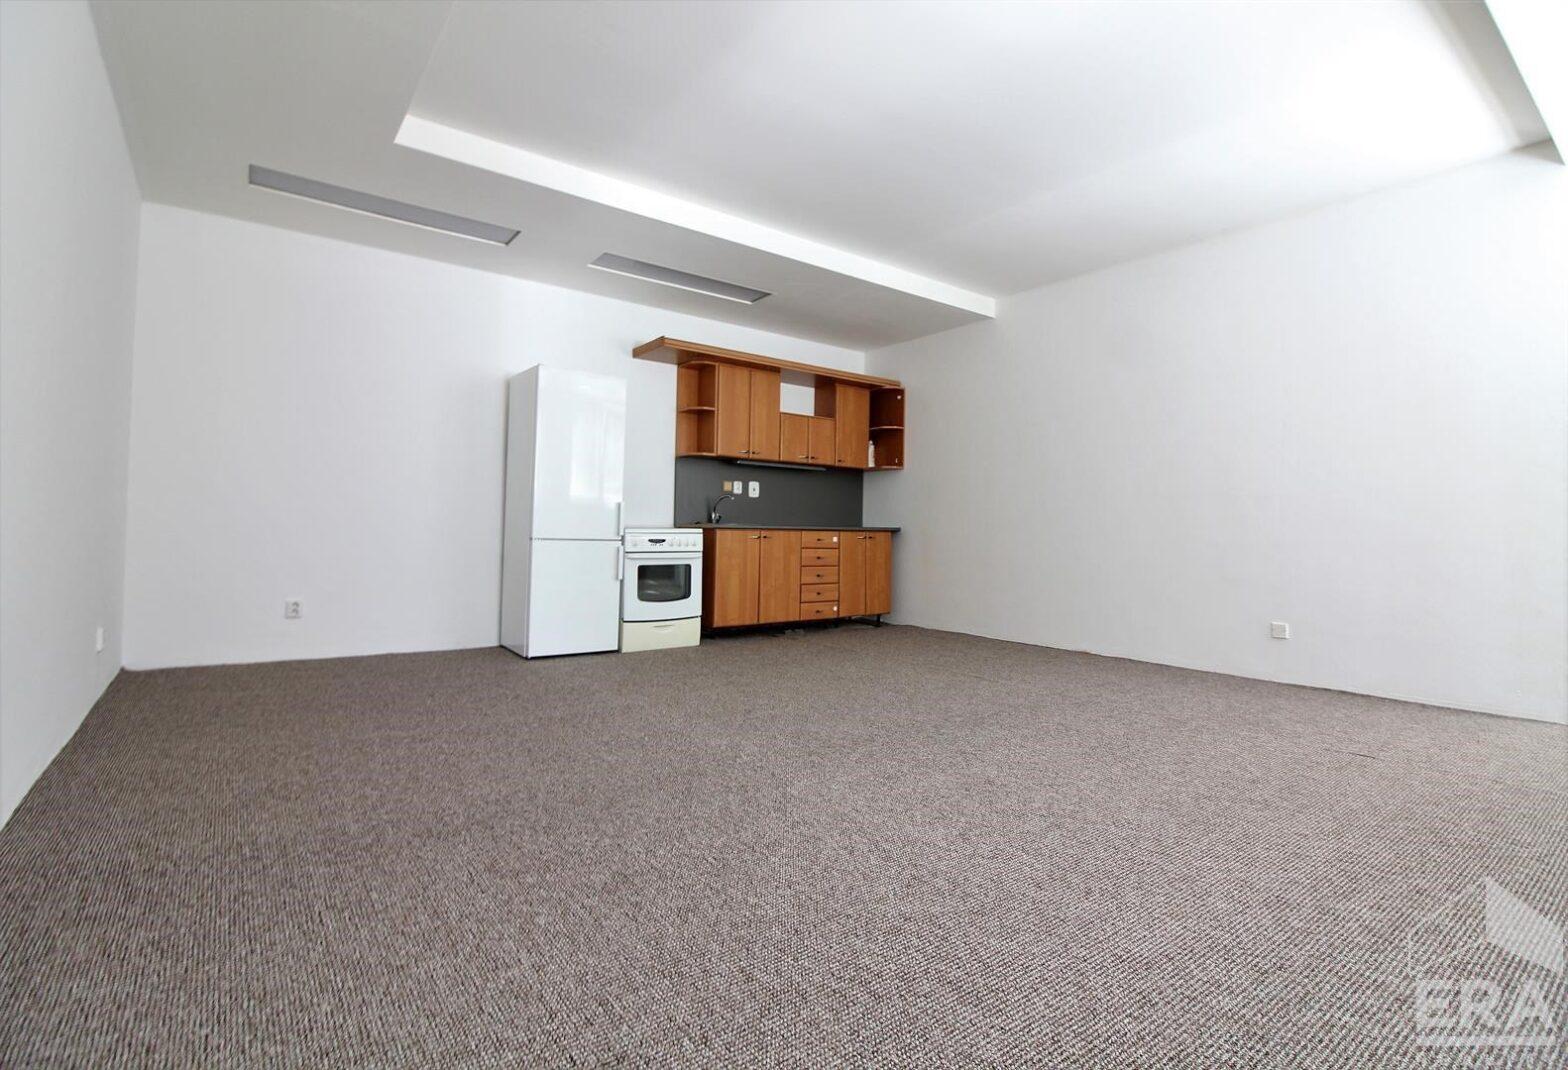 Pronájem bytu 1+KK, 45m2, Brno, Dvořákova 13